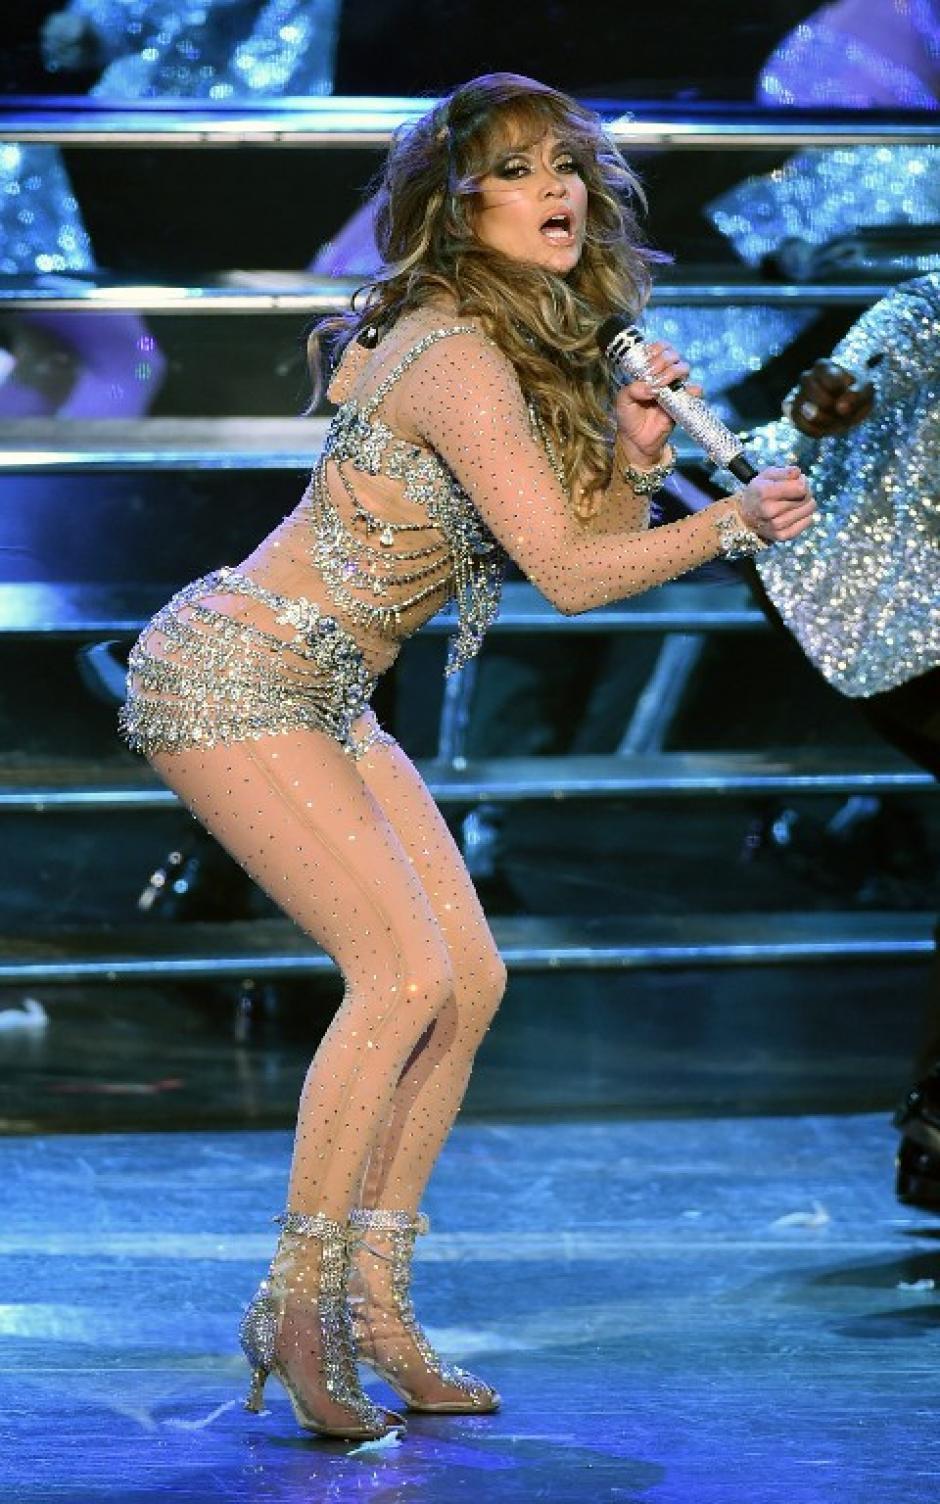 La noche fue todo un éxito para la cantante, que tuvo entre sus invitados de lujo a otros artistas.(Foto: AFP)